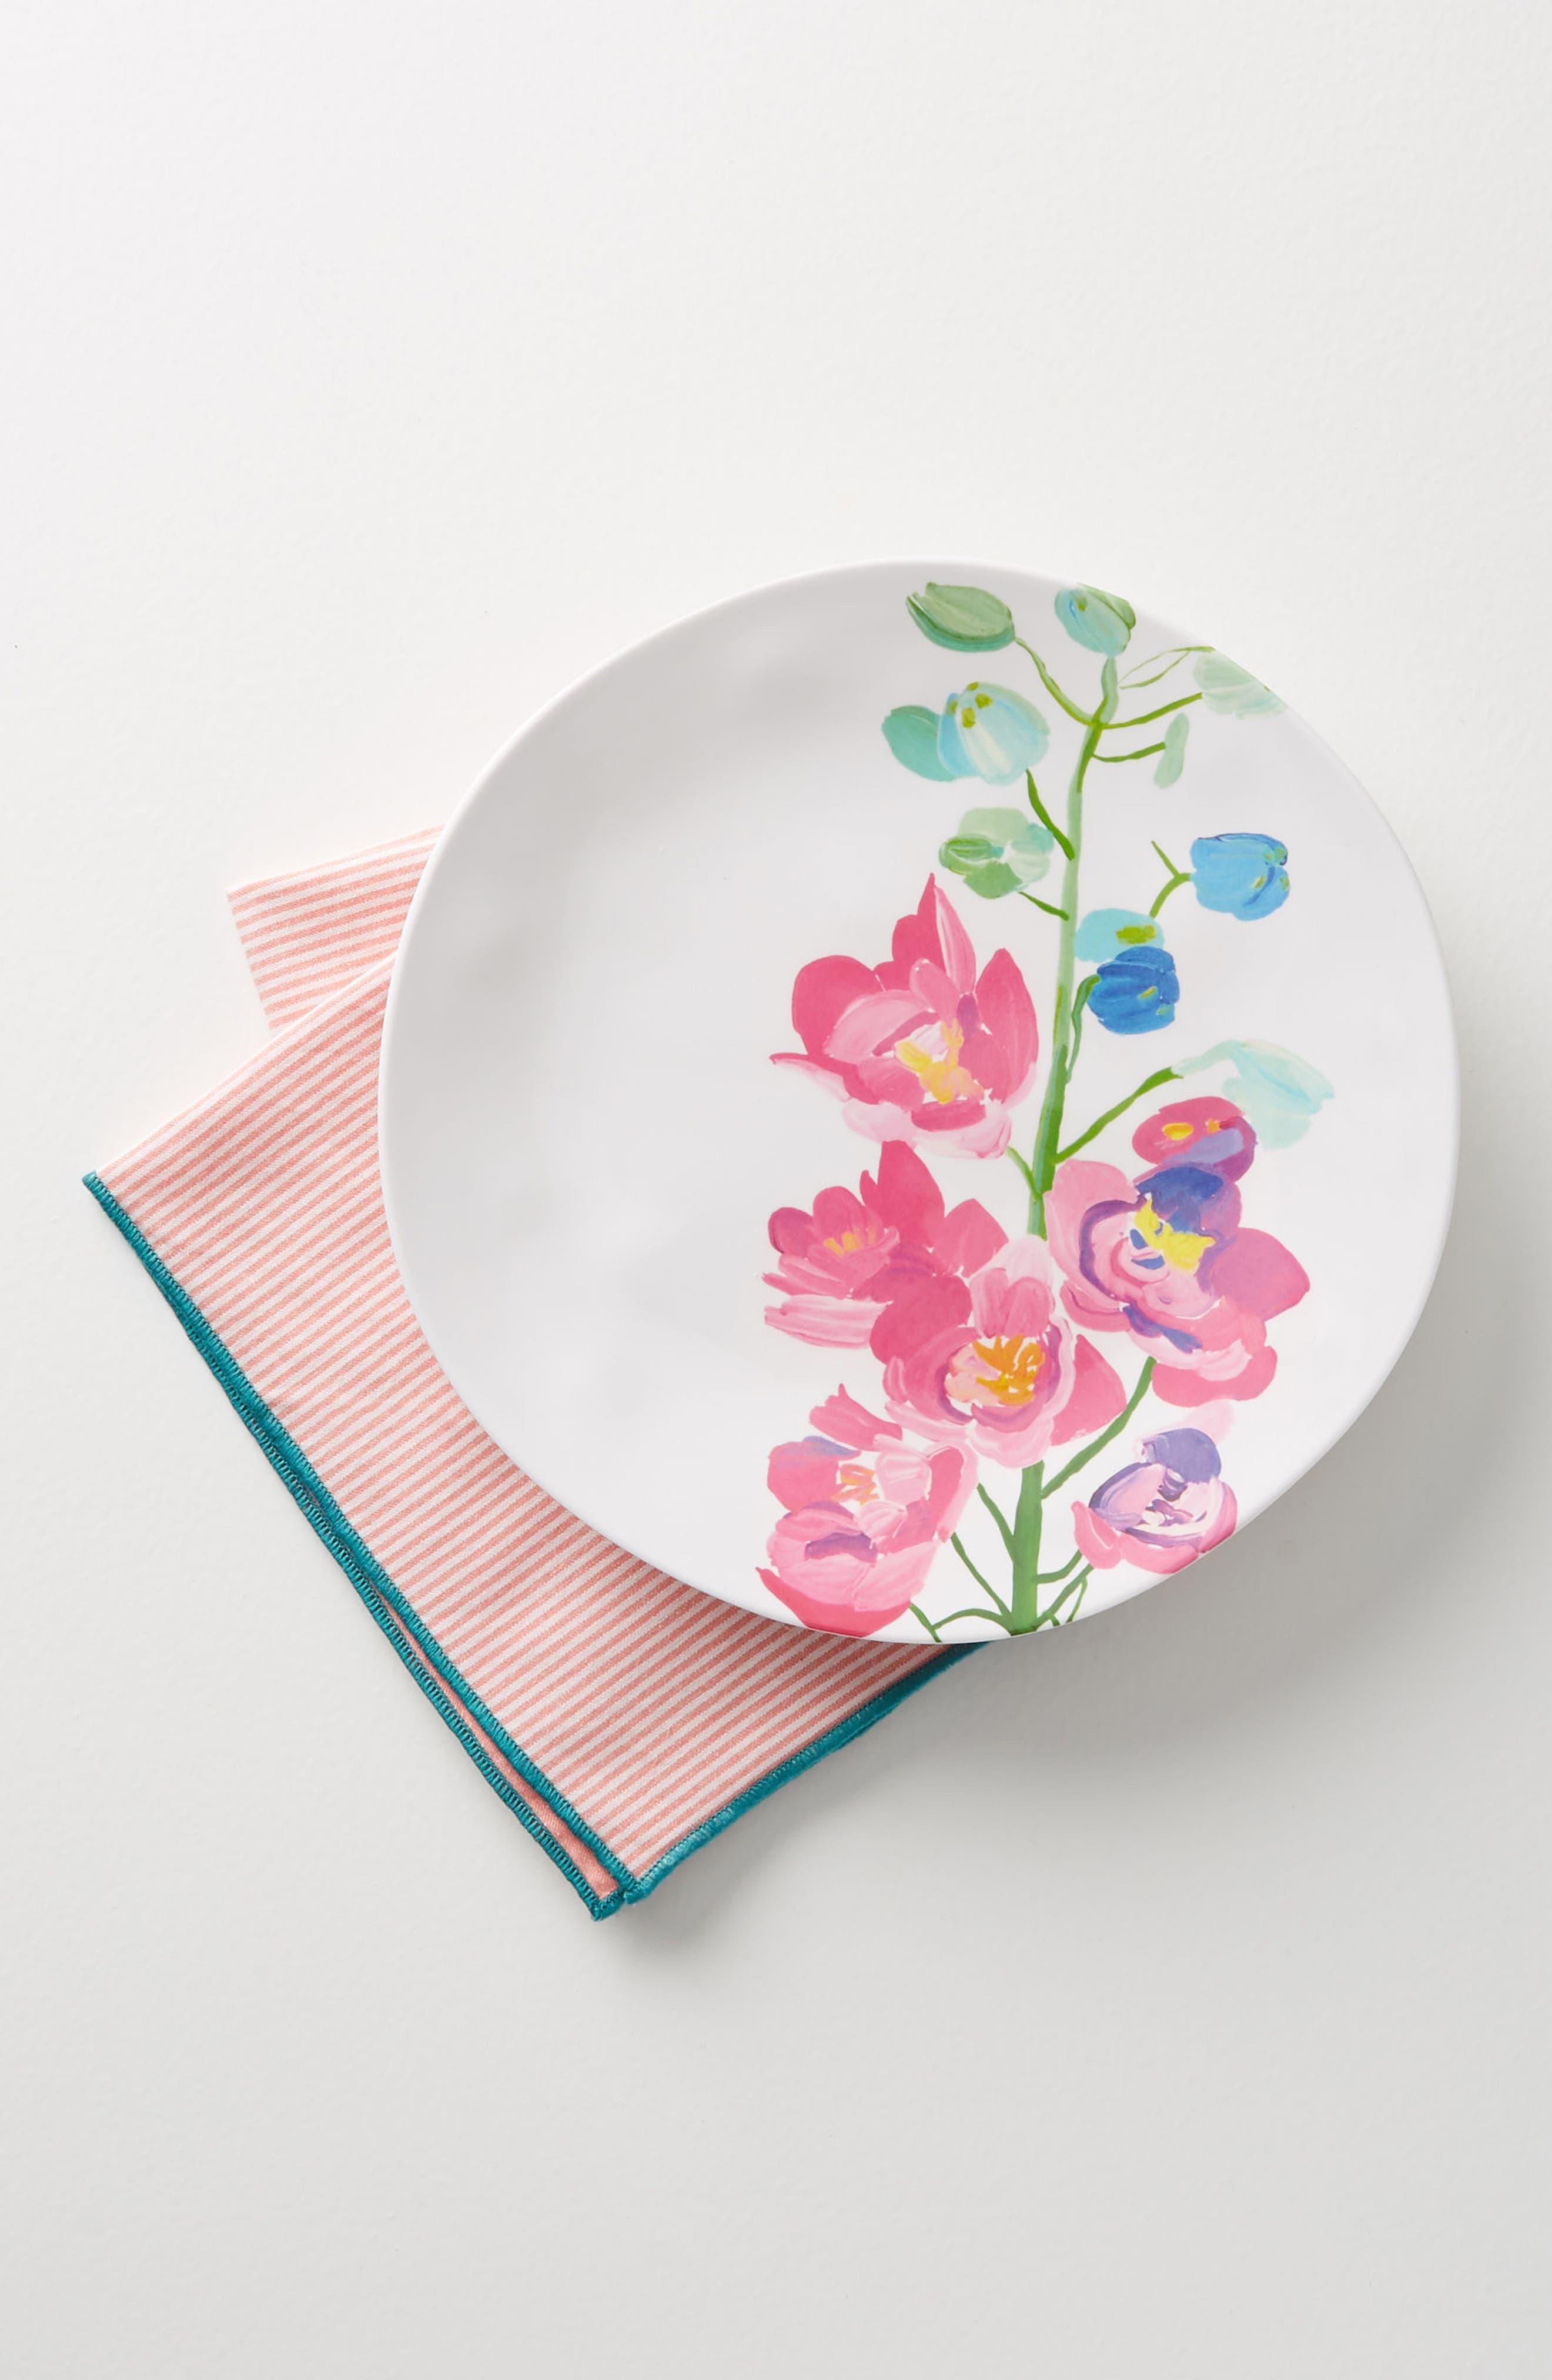 Paint + Petals Melamine Plate,                             Alternate thumbnail 2, color,                             105